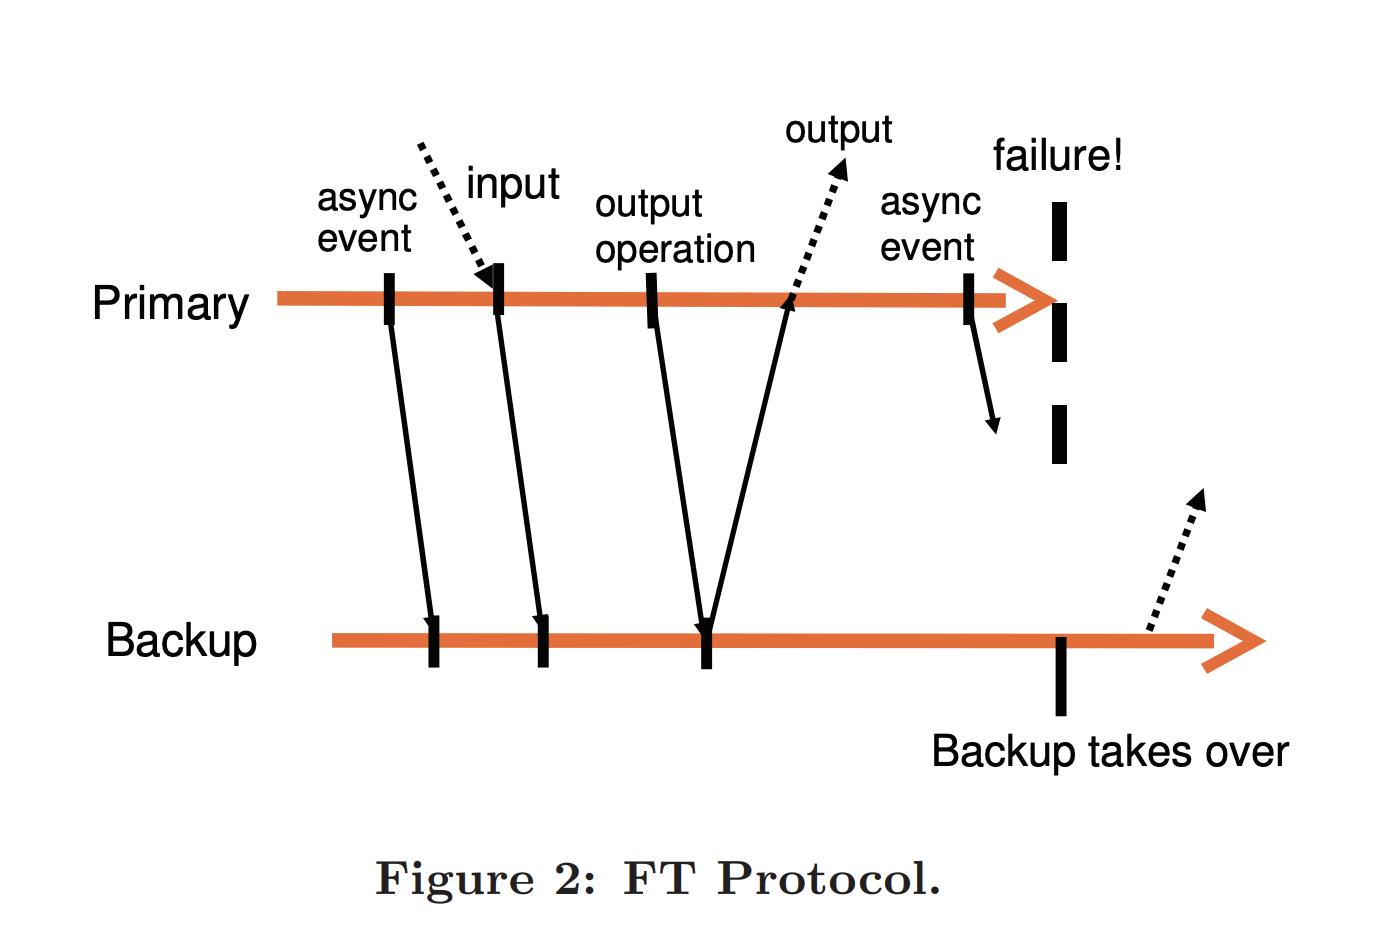 pb-ft-protocol.png